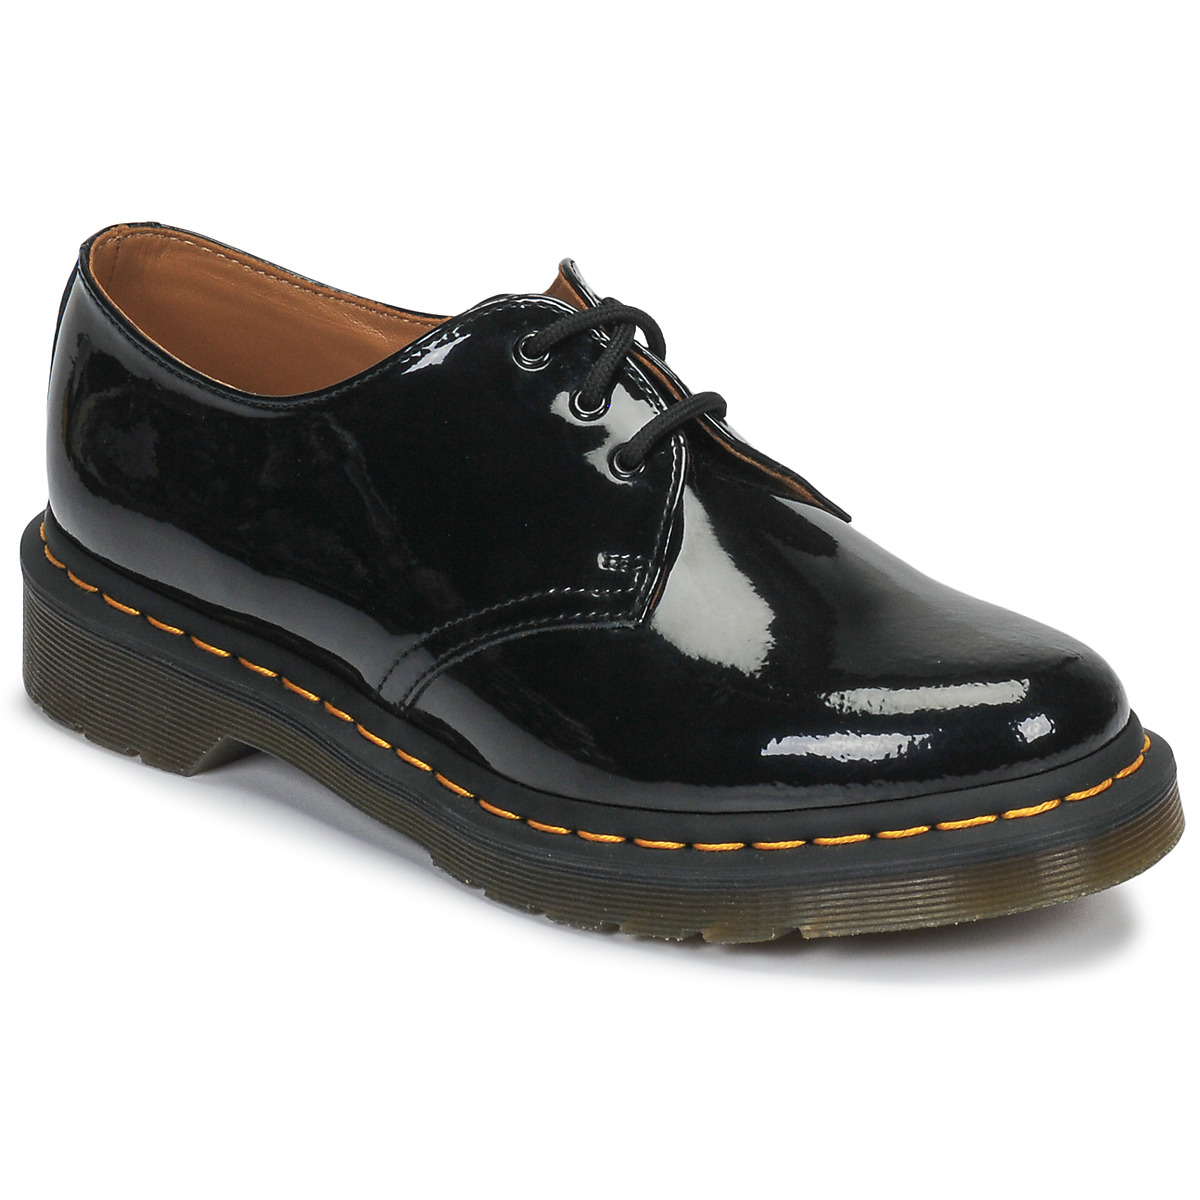 722bdb5398032 Dr Martens 1461 Schwarz - Kostenloser Versand bei Spartoode ! - Schuhe  Derby-Schuhe Damen